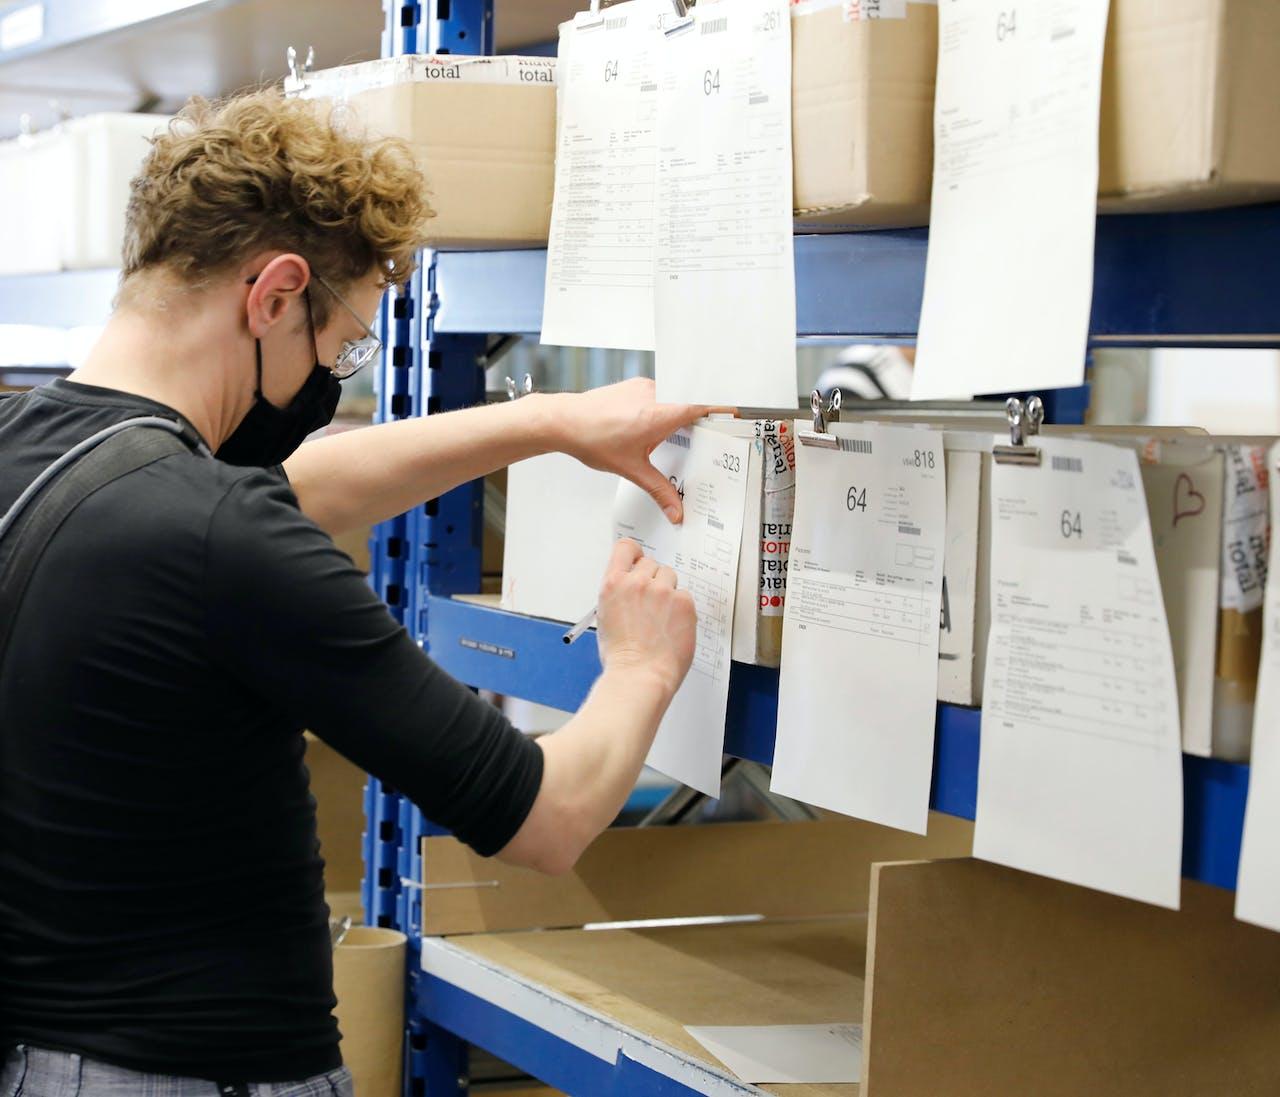 Modulor Logistik am Moritzplatz: Mitarbeiter Kevin überprüft die Kommissionierliste